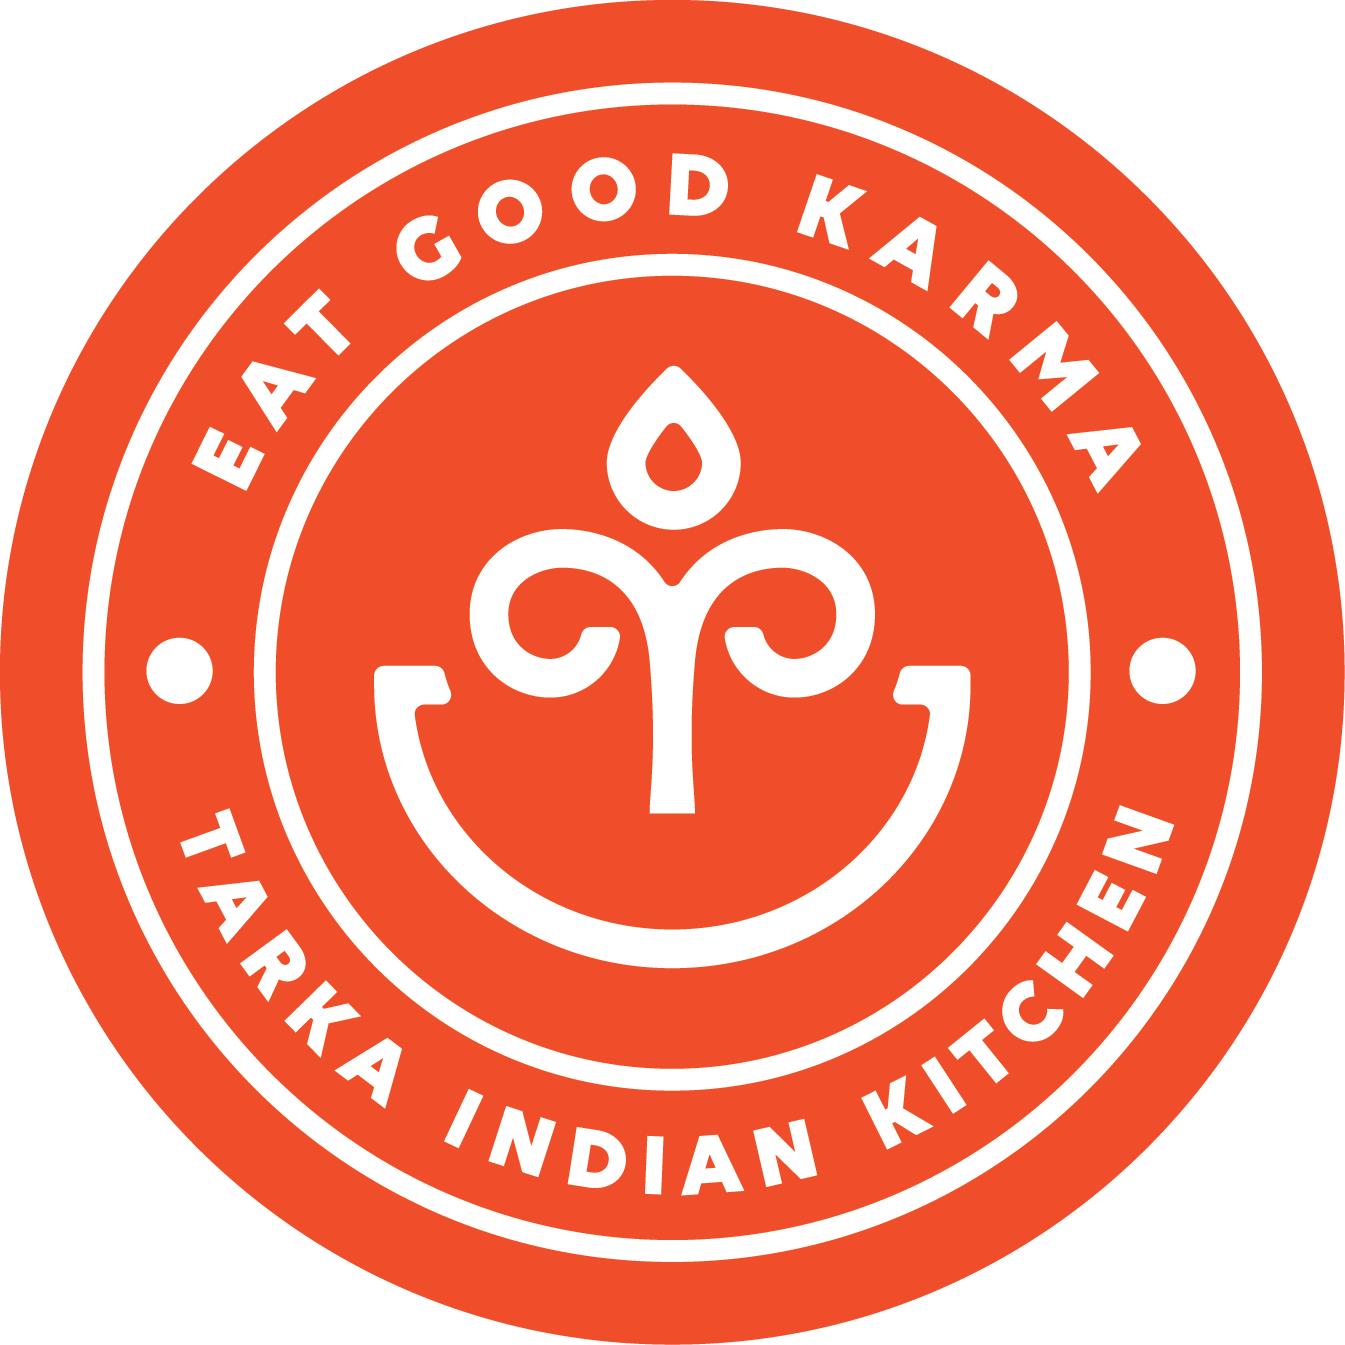 Tarka Indian Kitchen (Lakeline) Logo